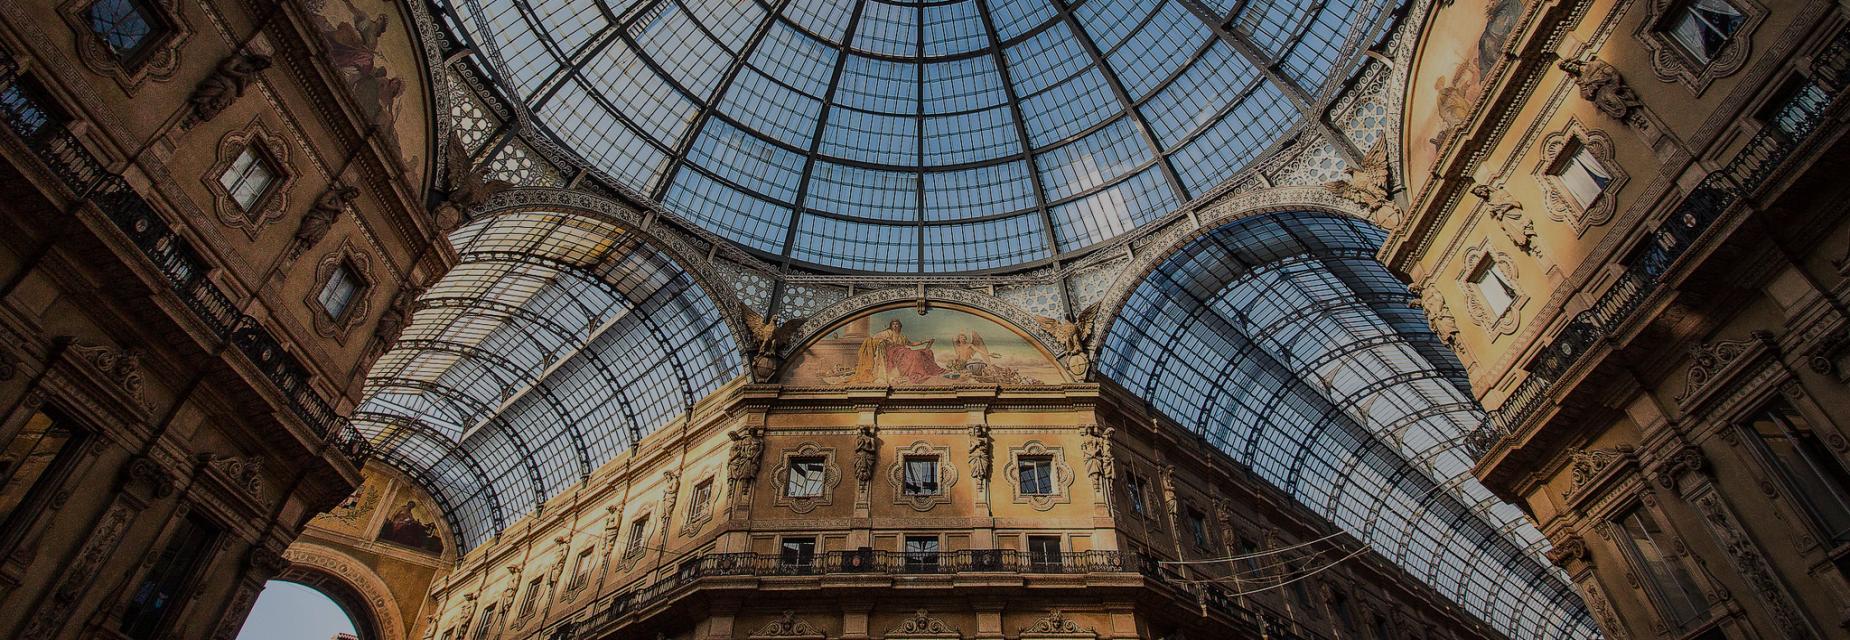 Galleria.Vittorio.Emanuele.II_